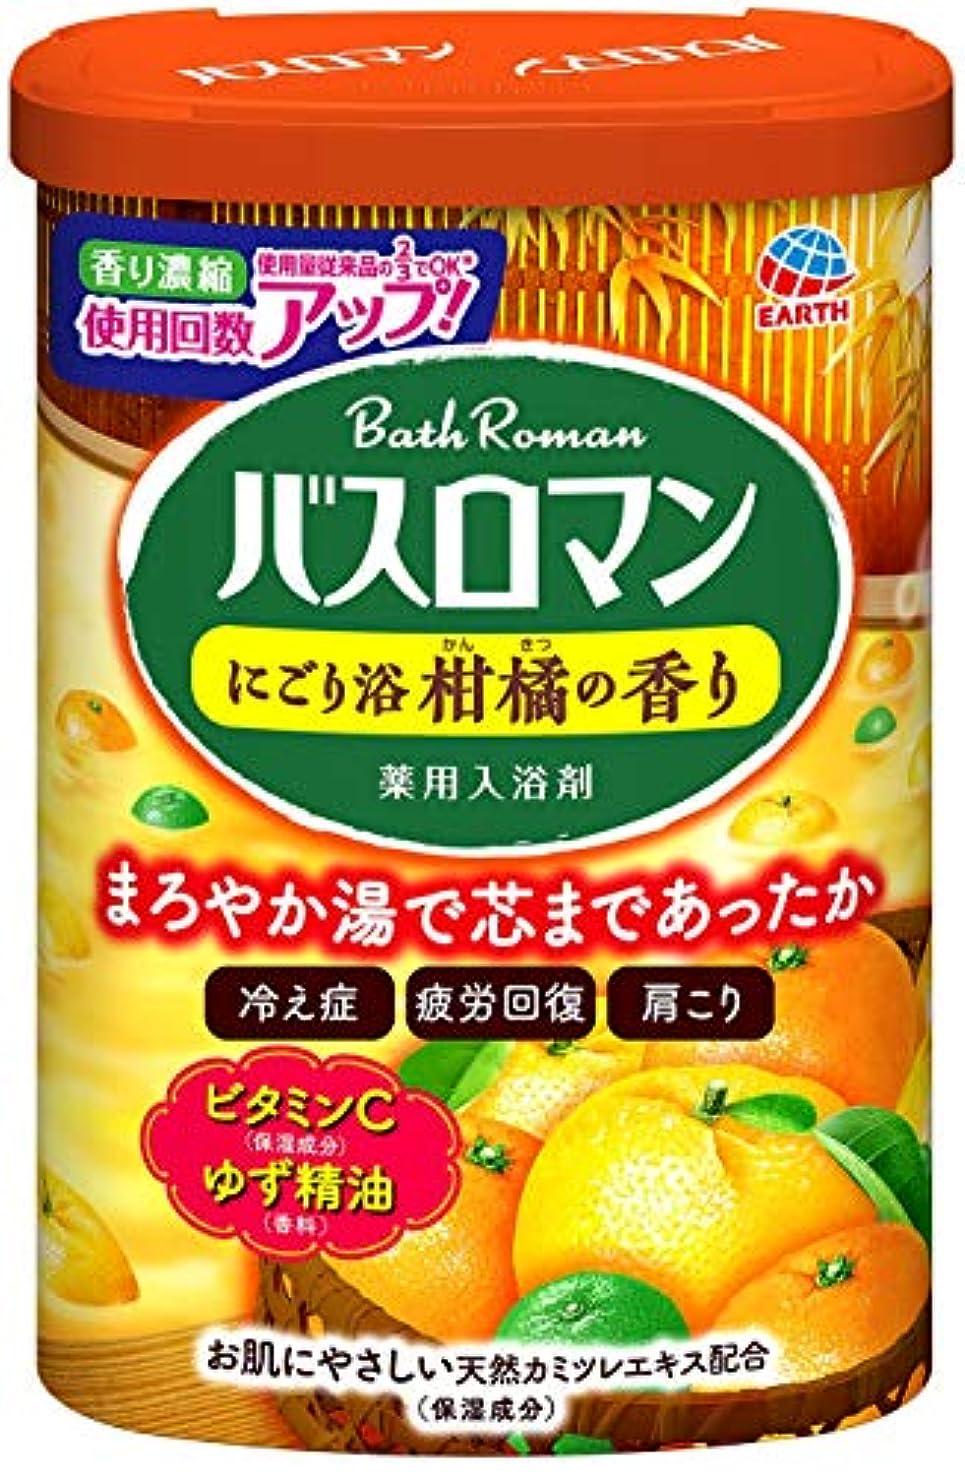 深い眠っている天才【医薬部外品】バスロマン 入浴剤 にごり浴 柑橘の香り [600g]